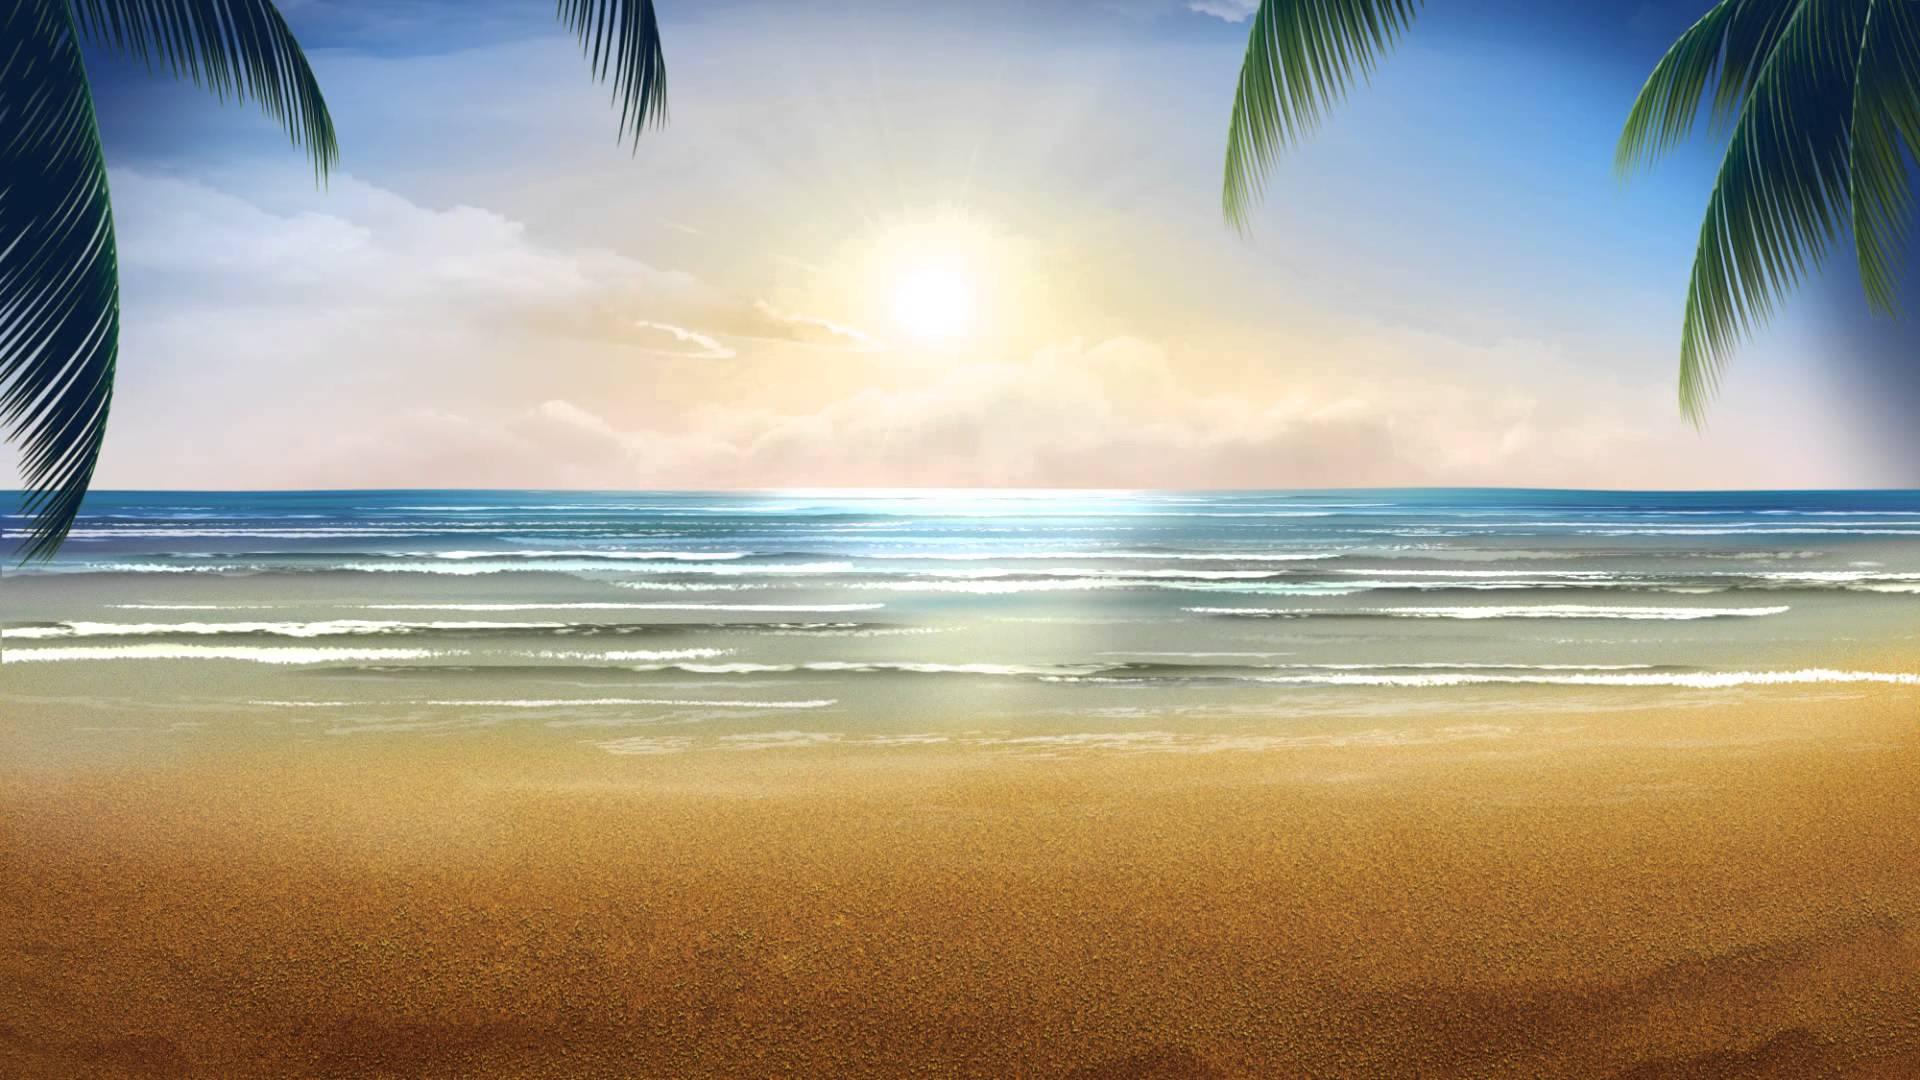 перед анимационная картинка море пляж размещать